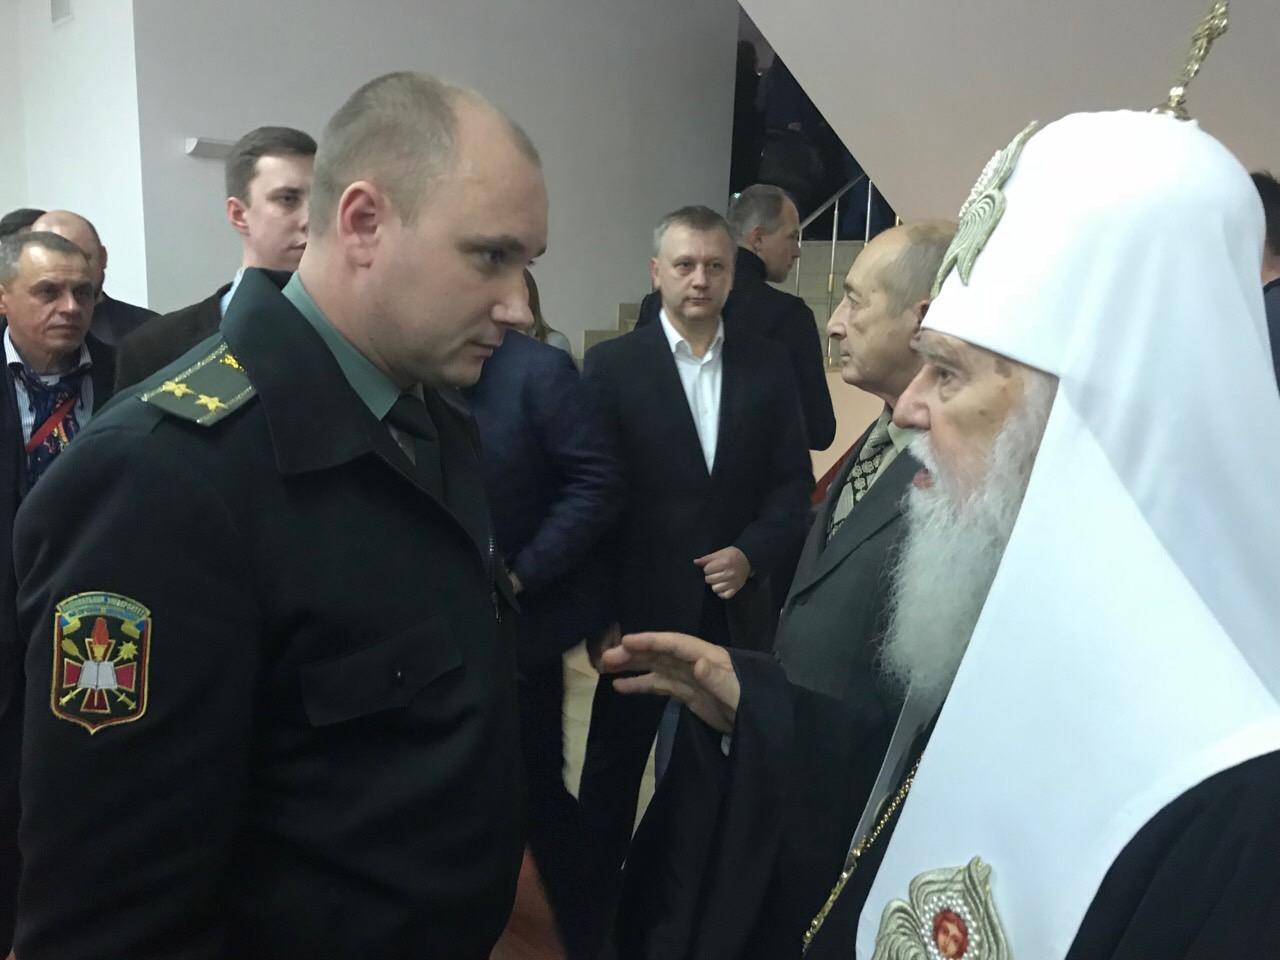 Патріарх Філарет благословив закарпатського підполковника Миколу Журавльова (фото)